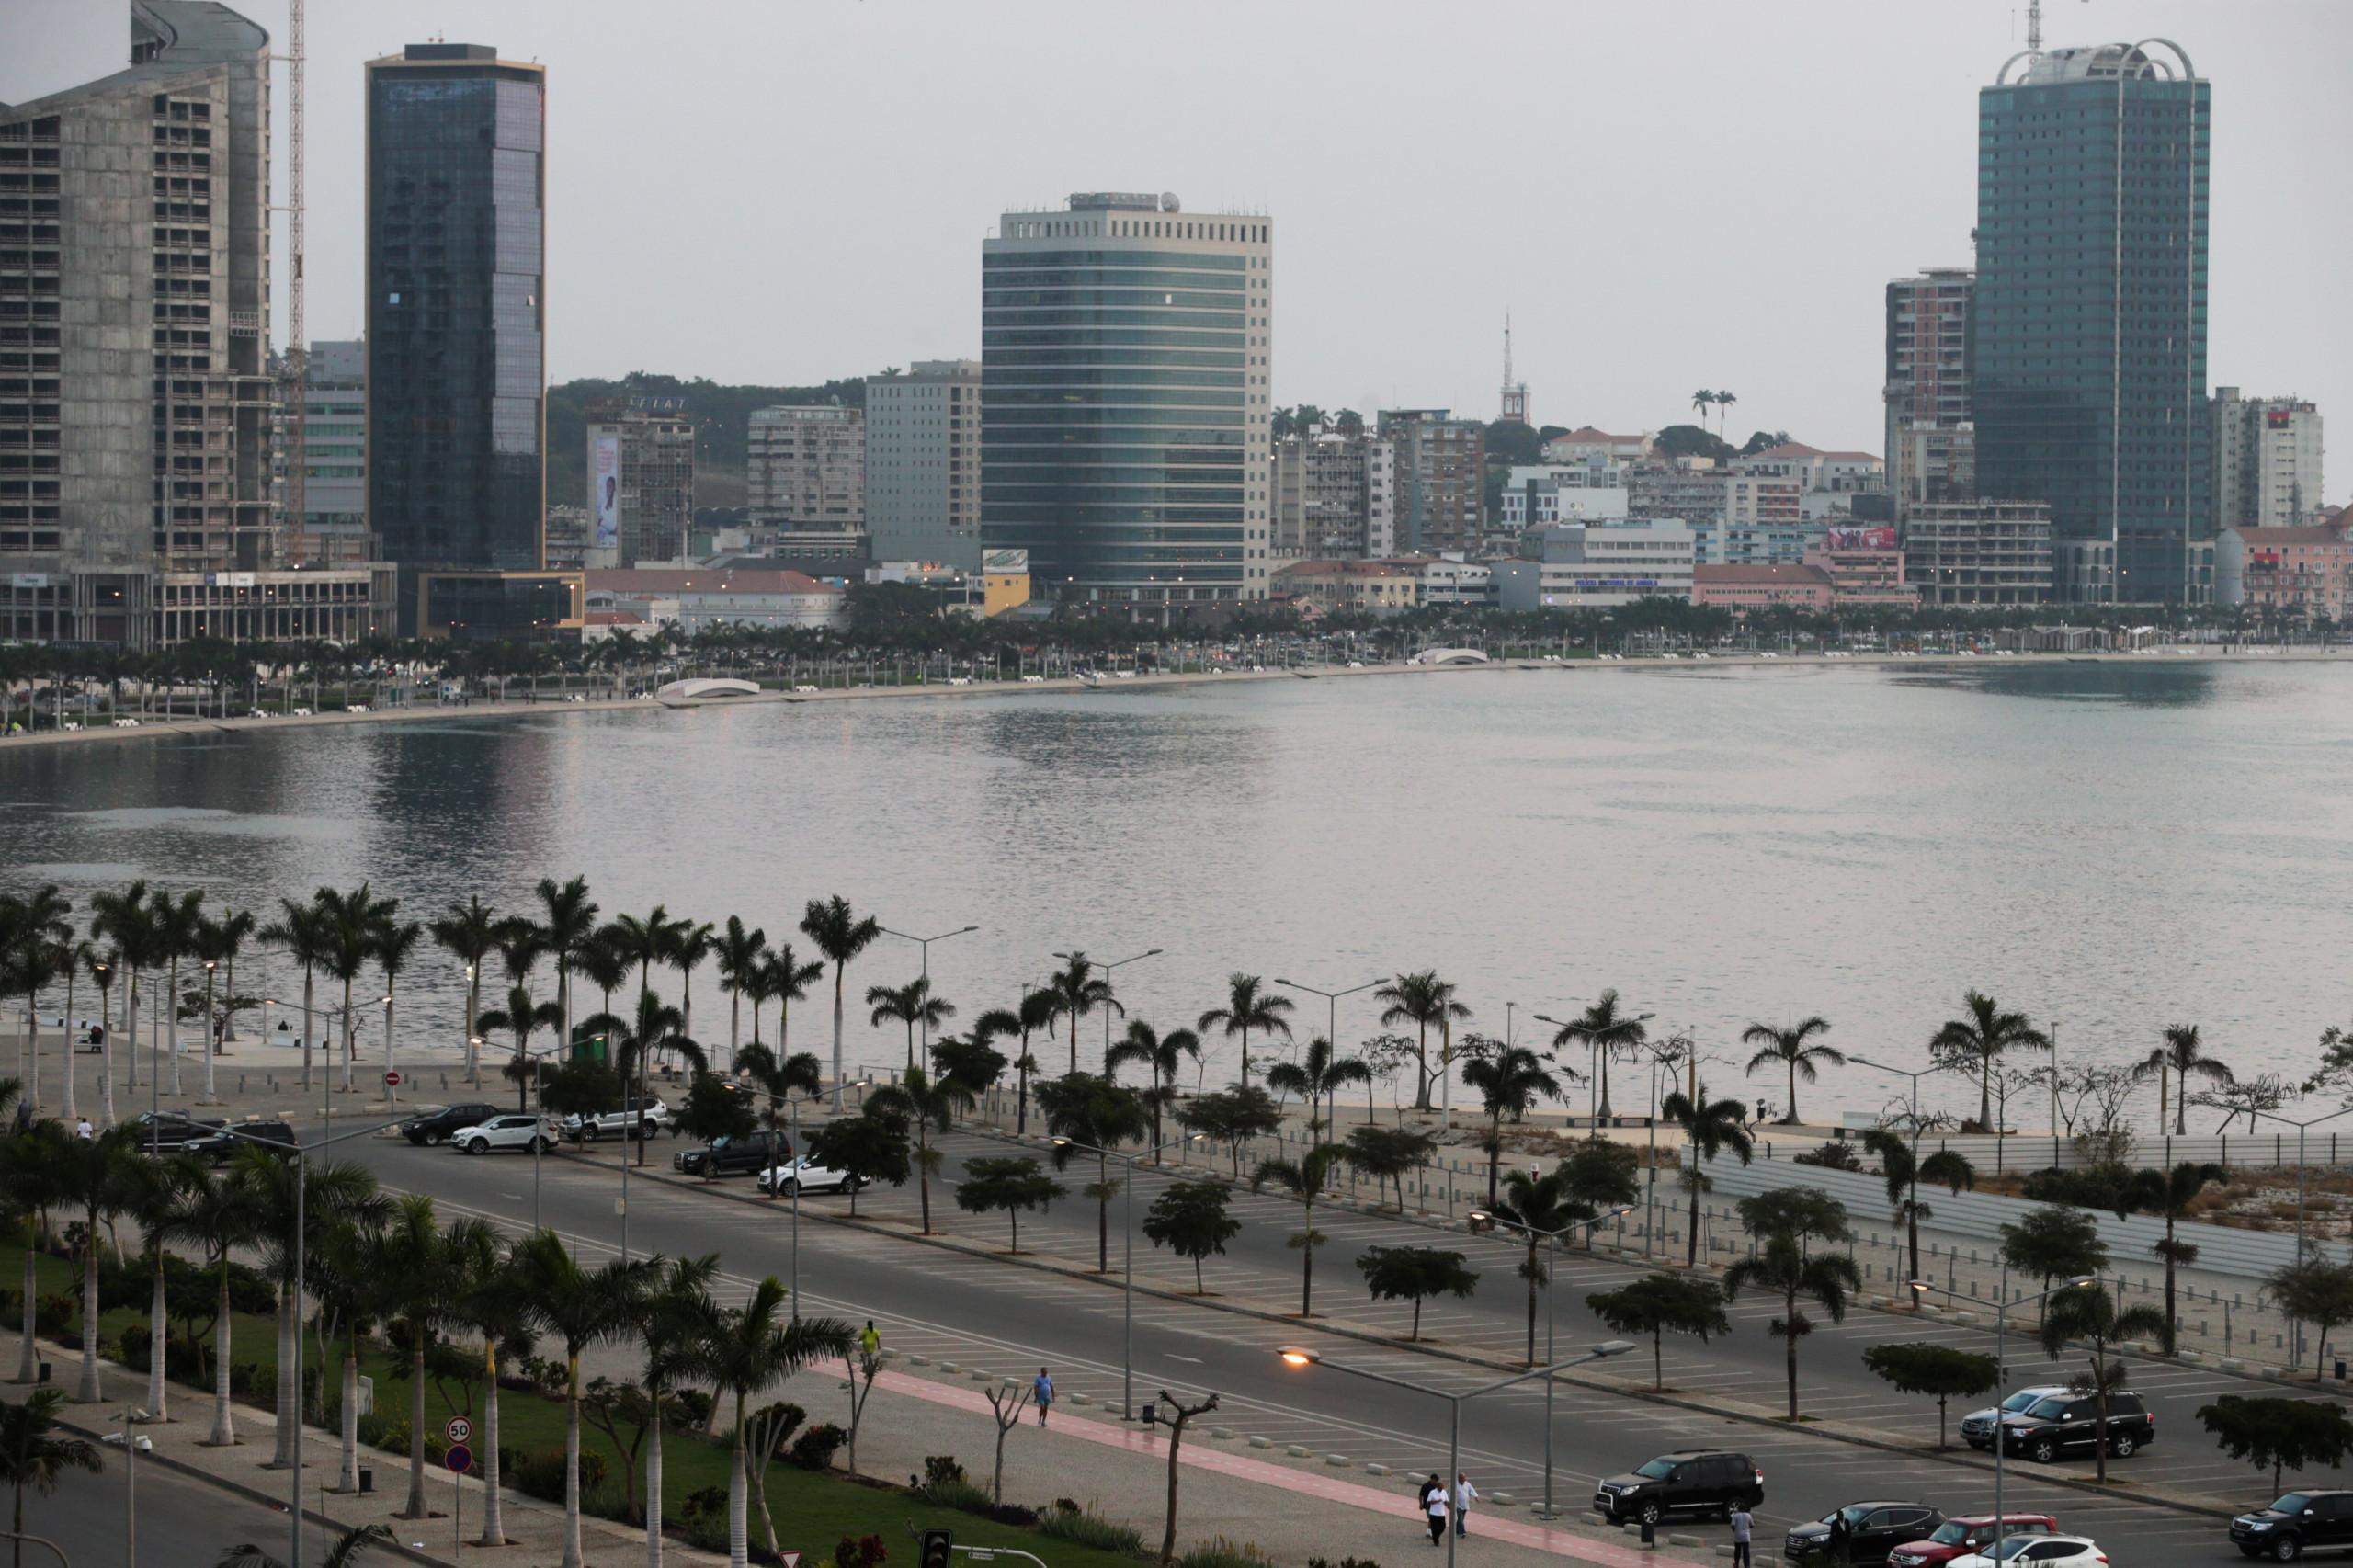 Angola expulsou na última semana 2.400 cidadãos estrangeiros